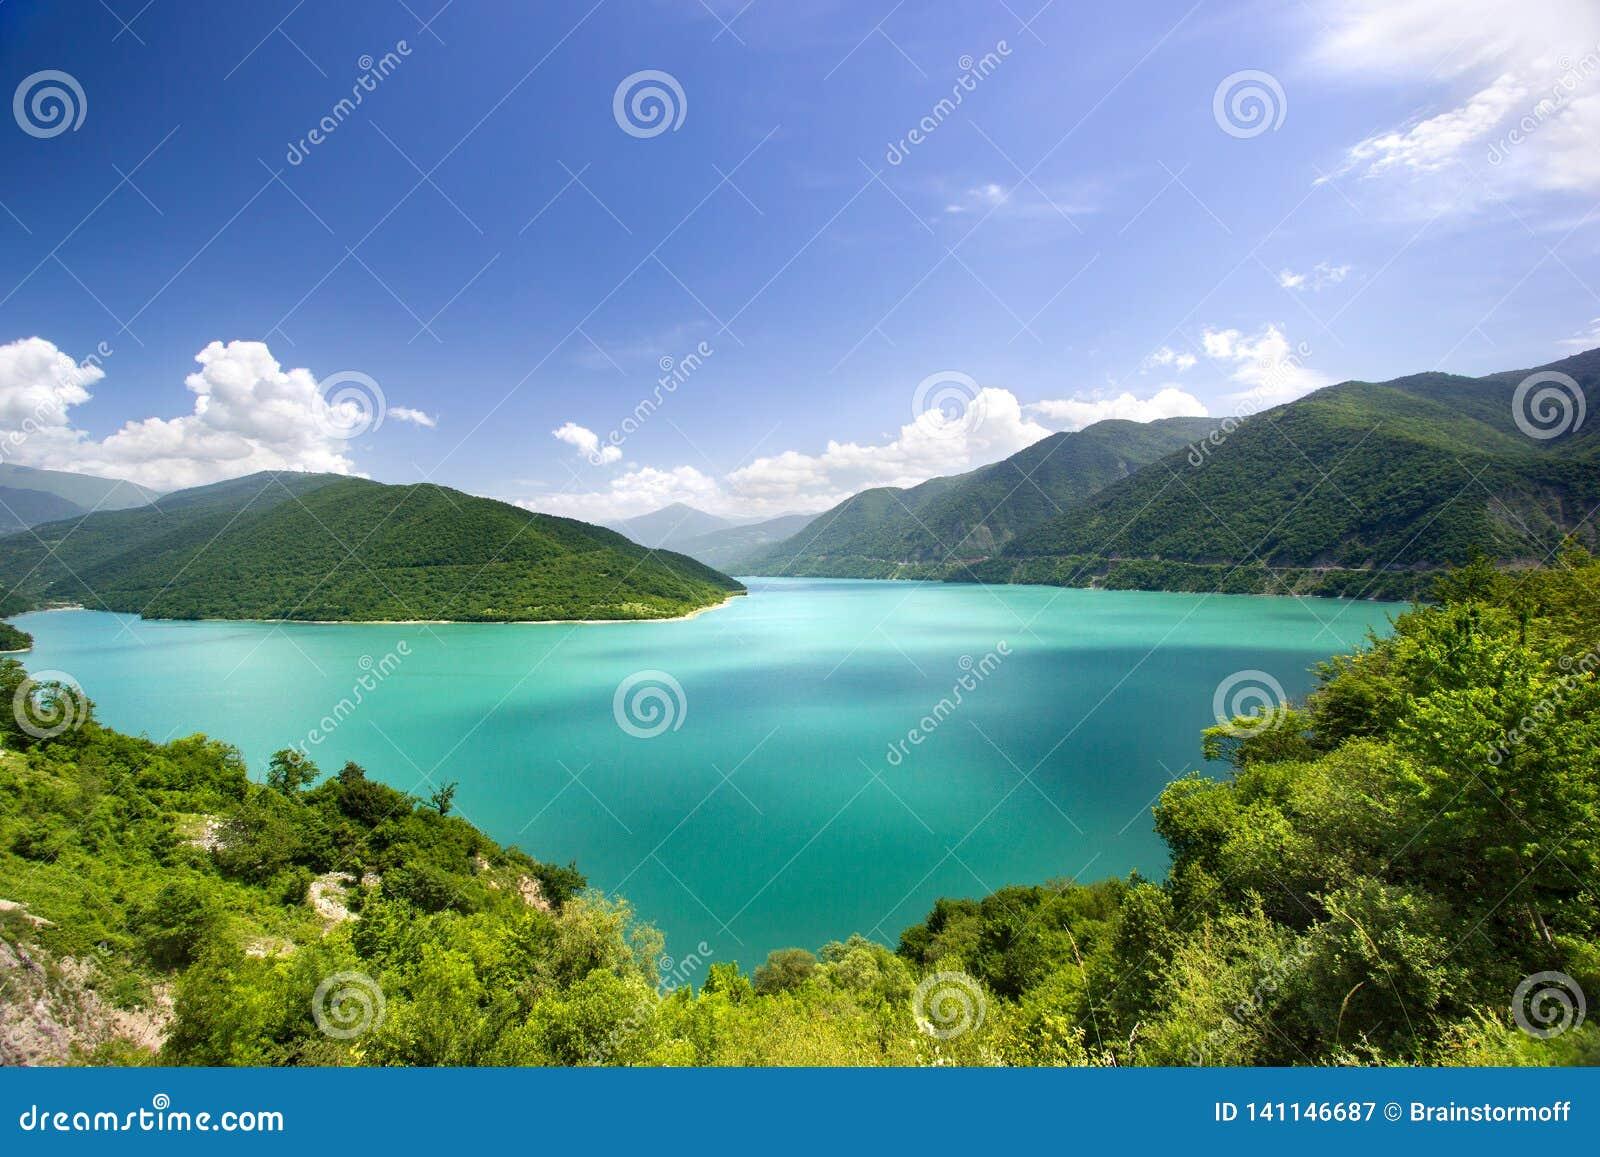 Κυανό νερό σε μια μπλε λιμνοθάλασσα μεταξύ του πράσινου βουνών υποβάθρου σύννεφων μπλε ουρανού άσπρου